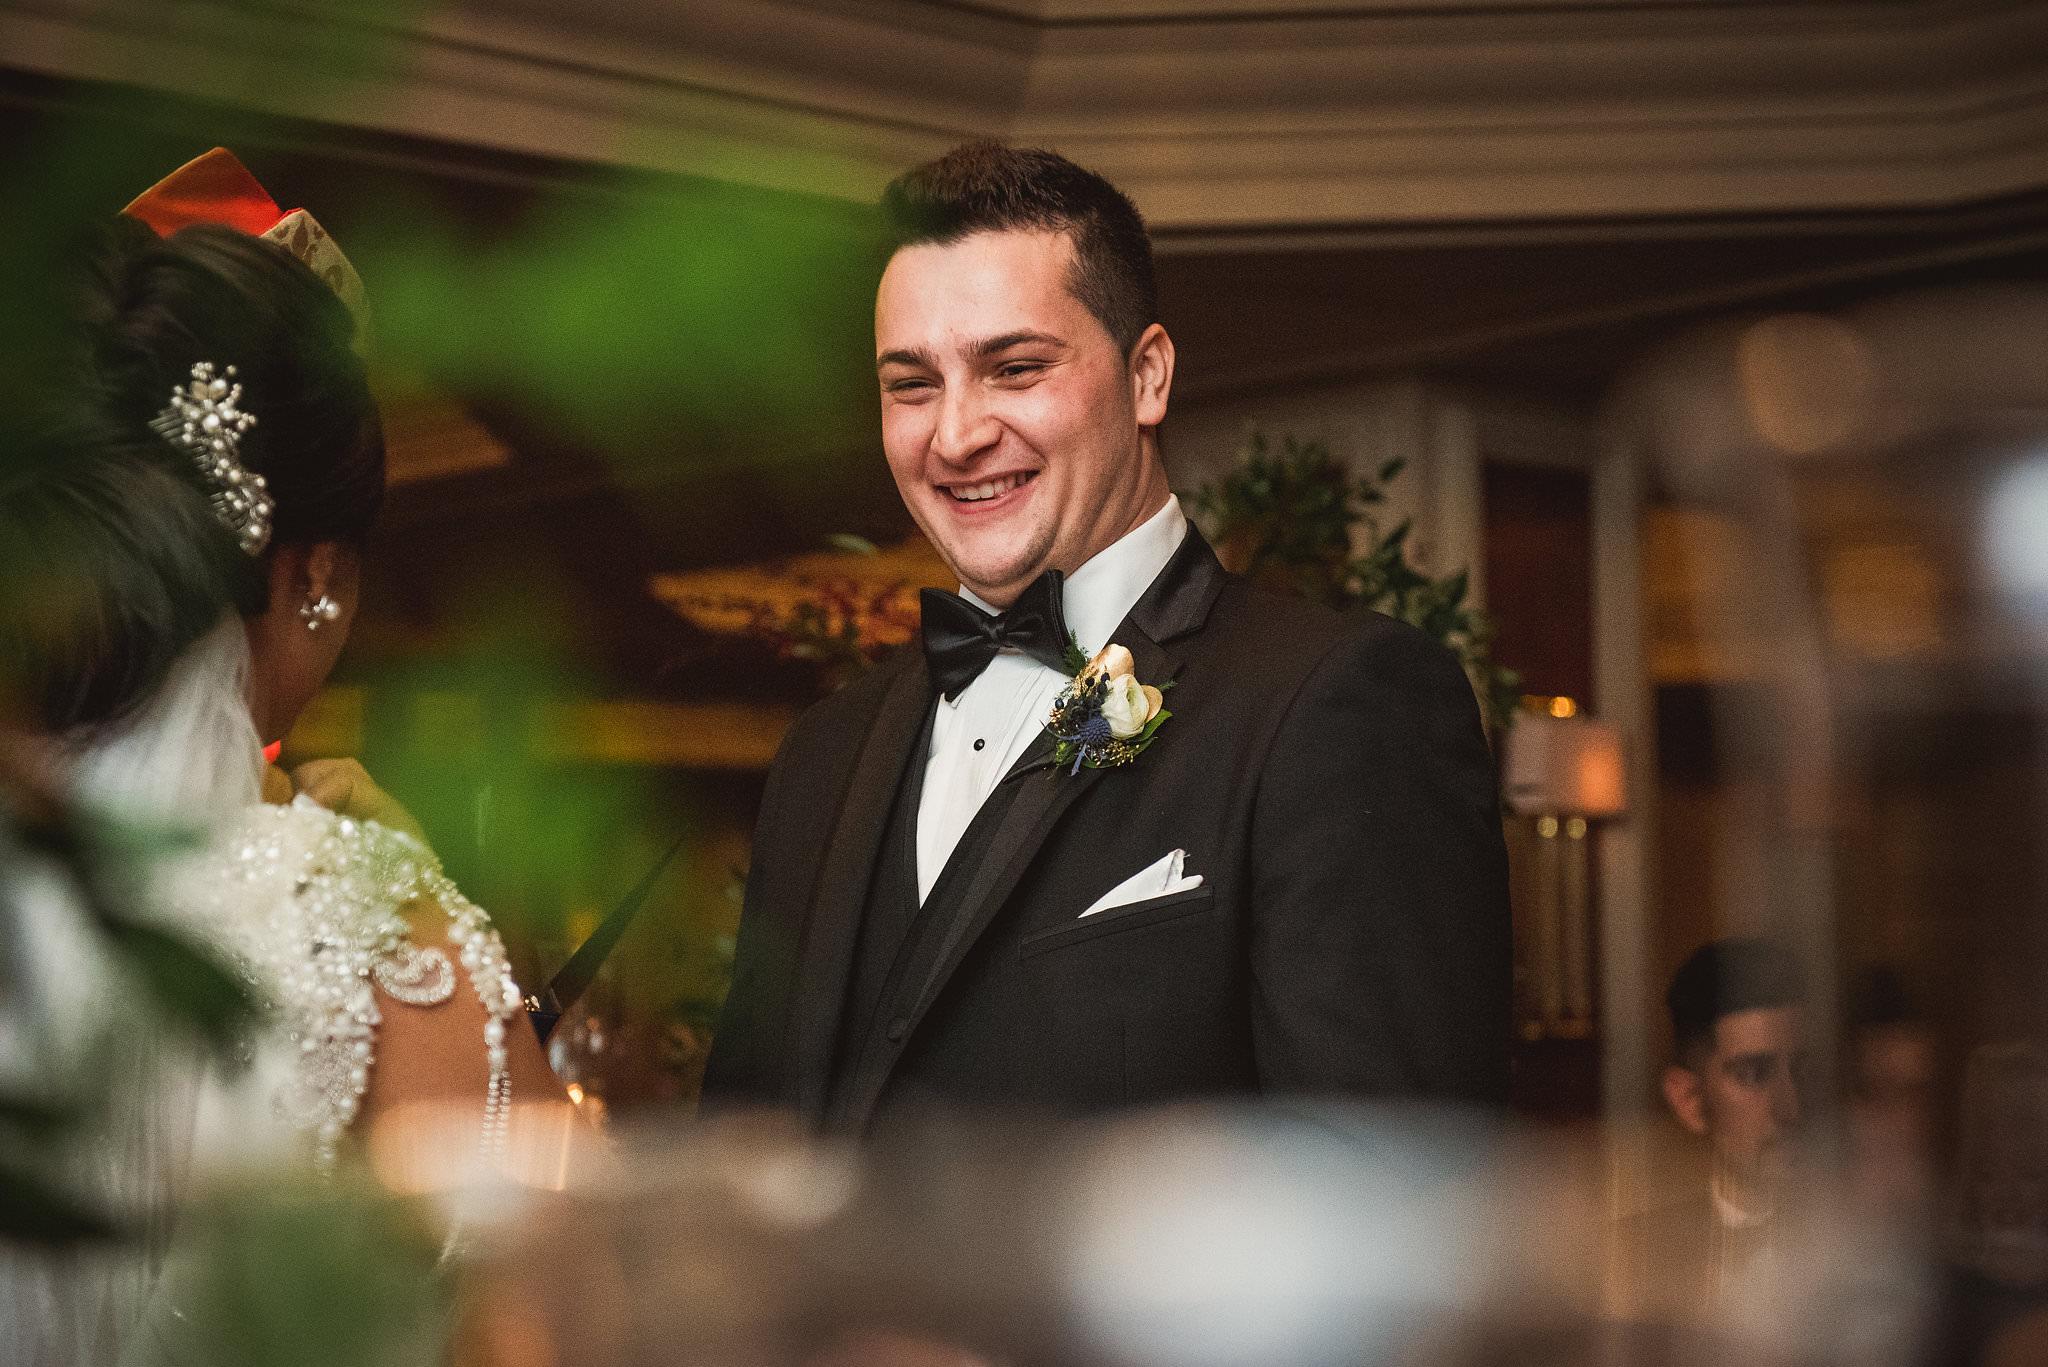 Rebecca Michael King Edward Hotel NYE Wedding Photos 513 - King Edward Hotel Wedding Photos